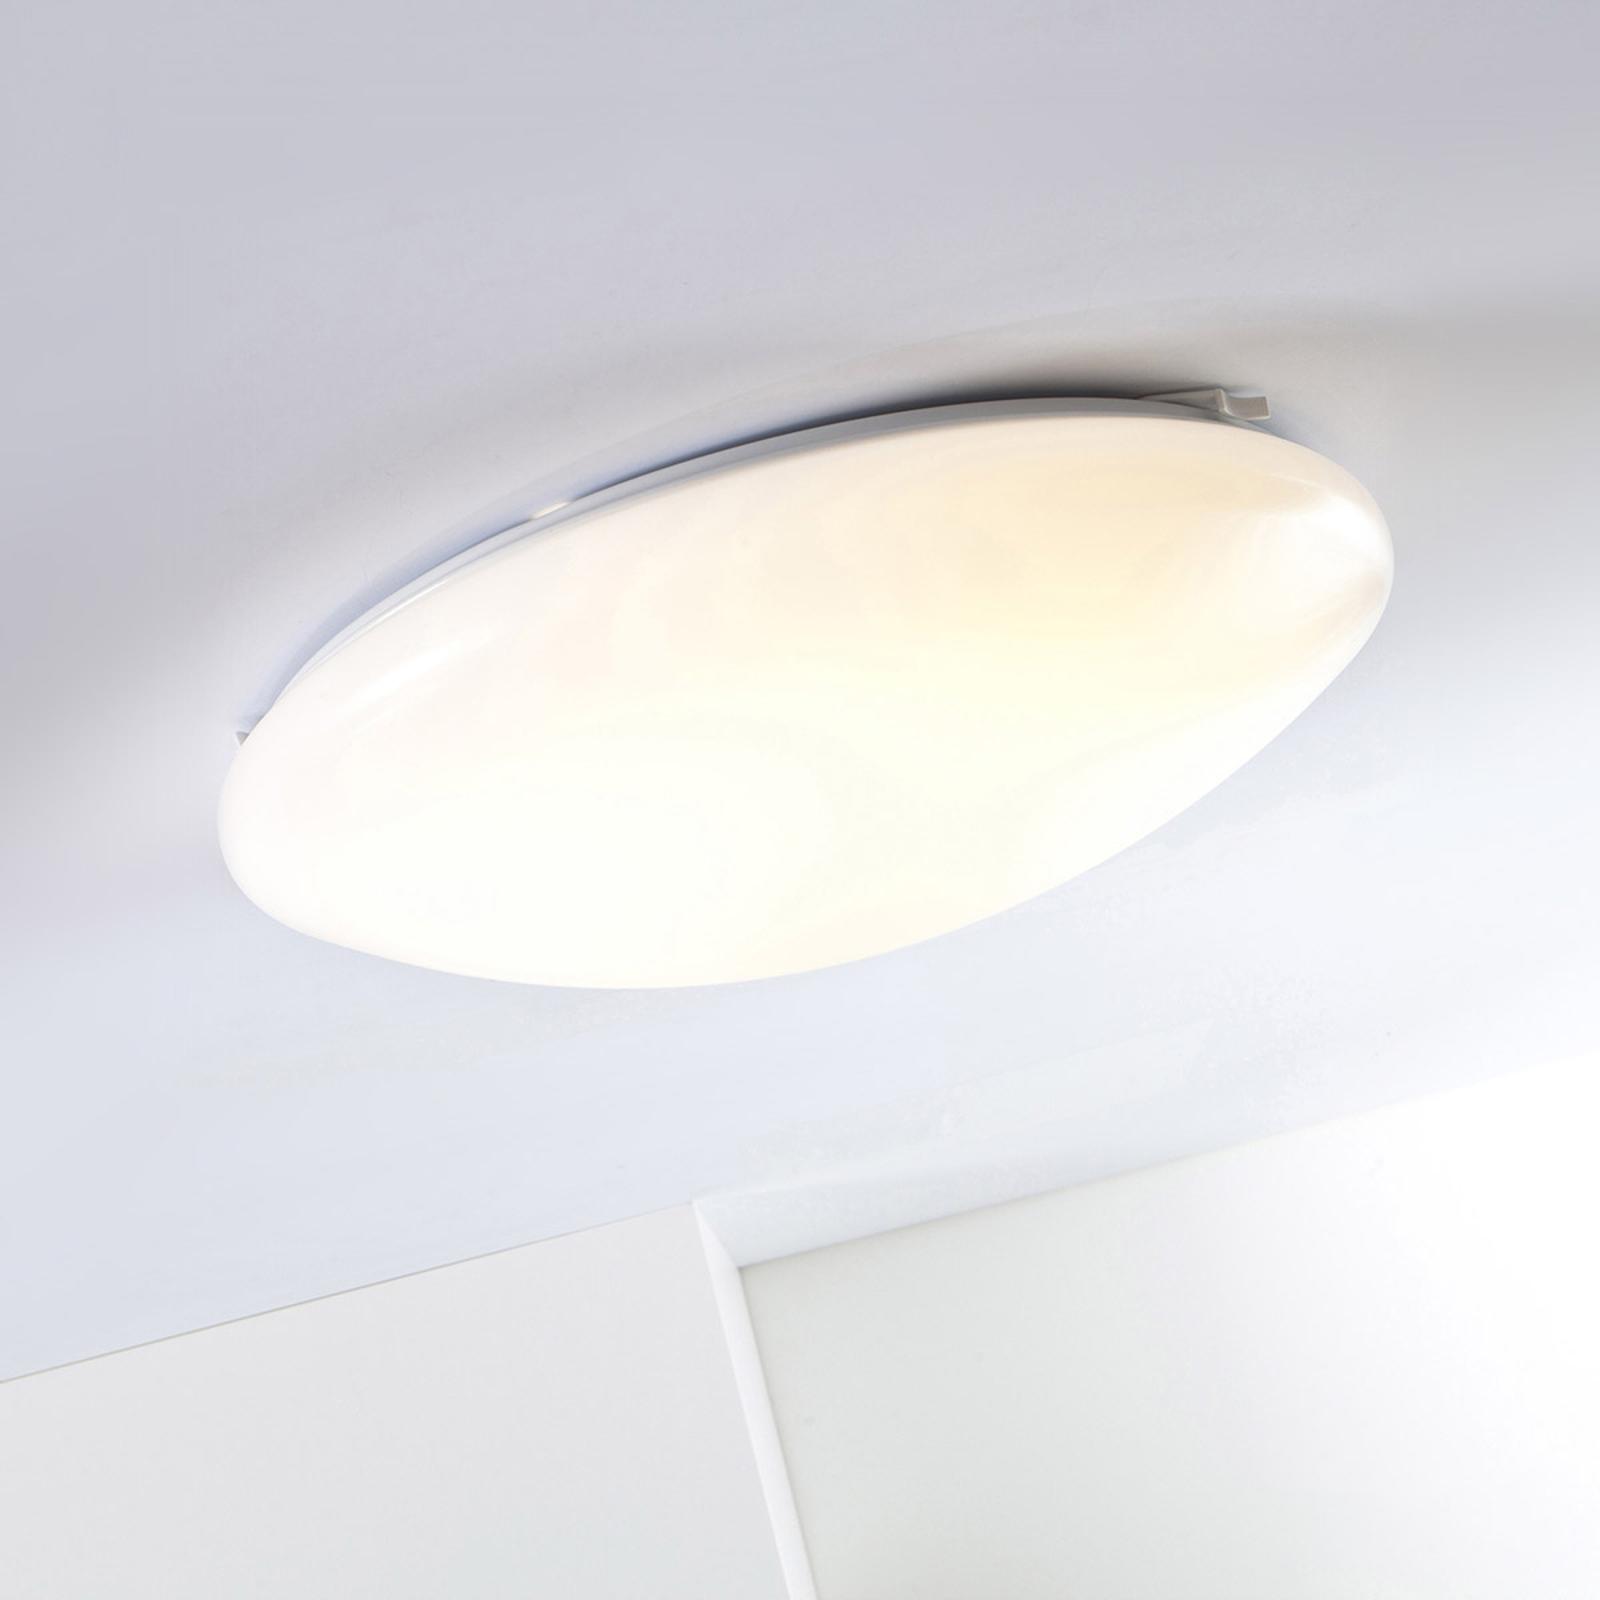 AEG LED Basic - round LED ceiling lamp, 22W_3057002_1